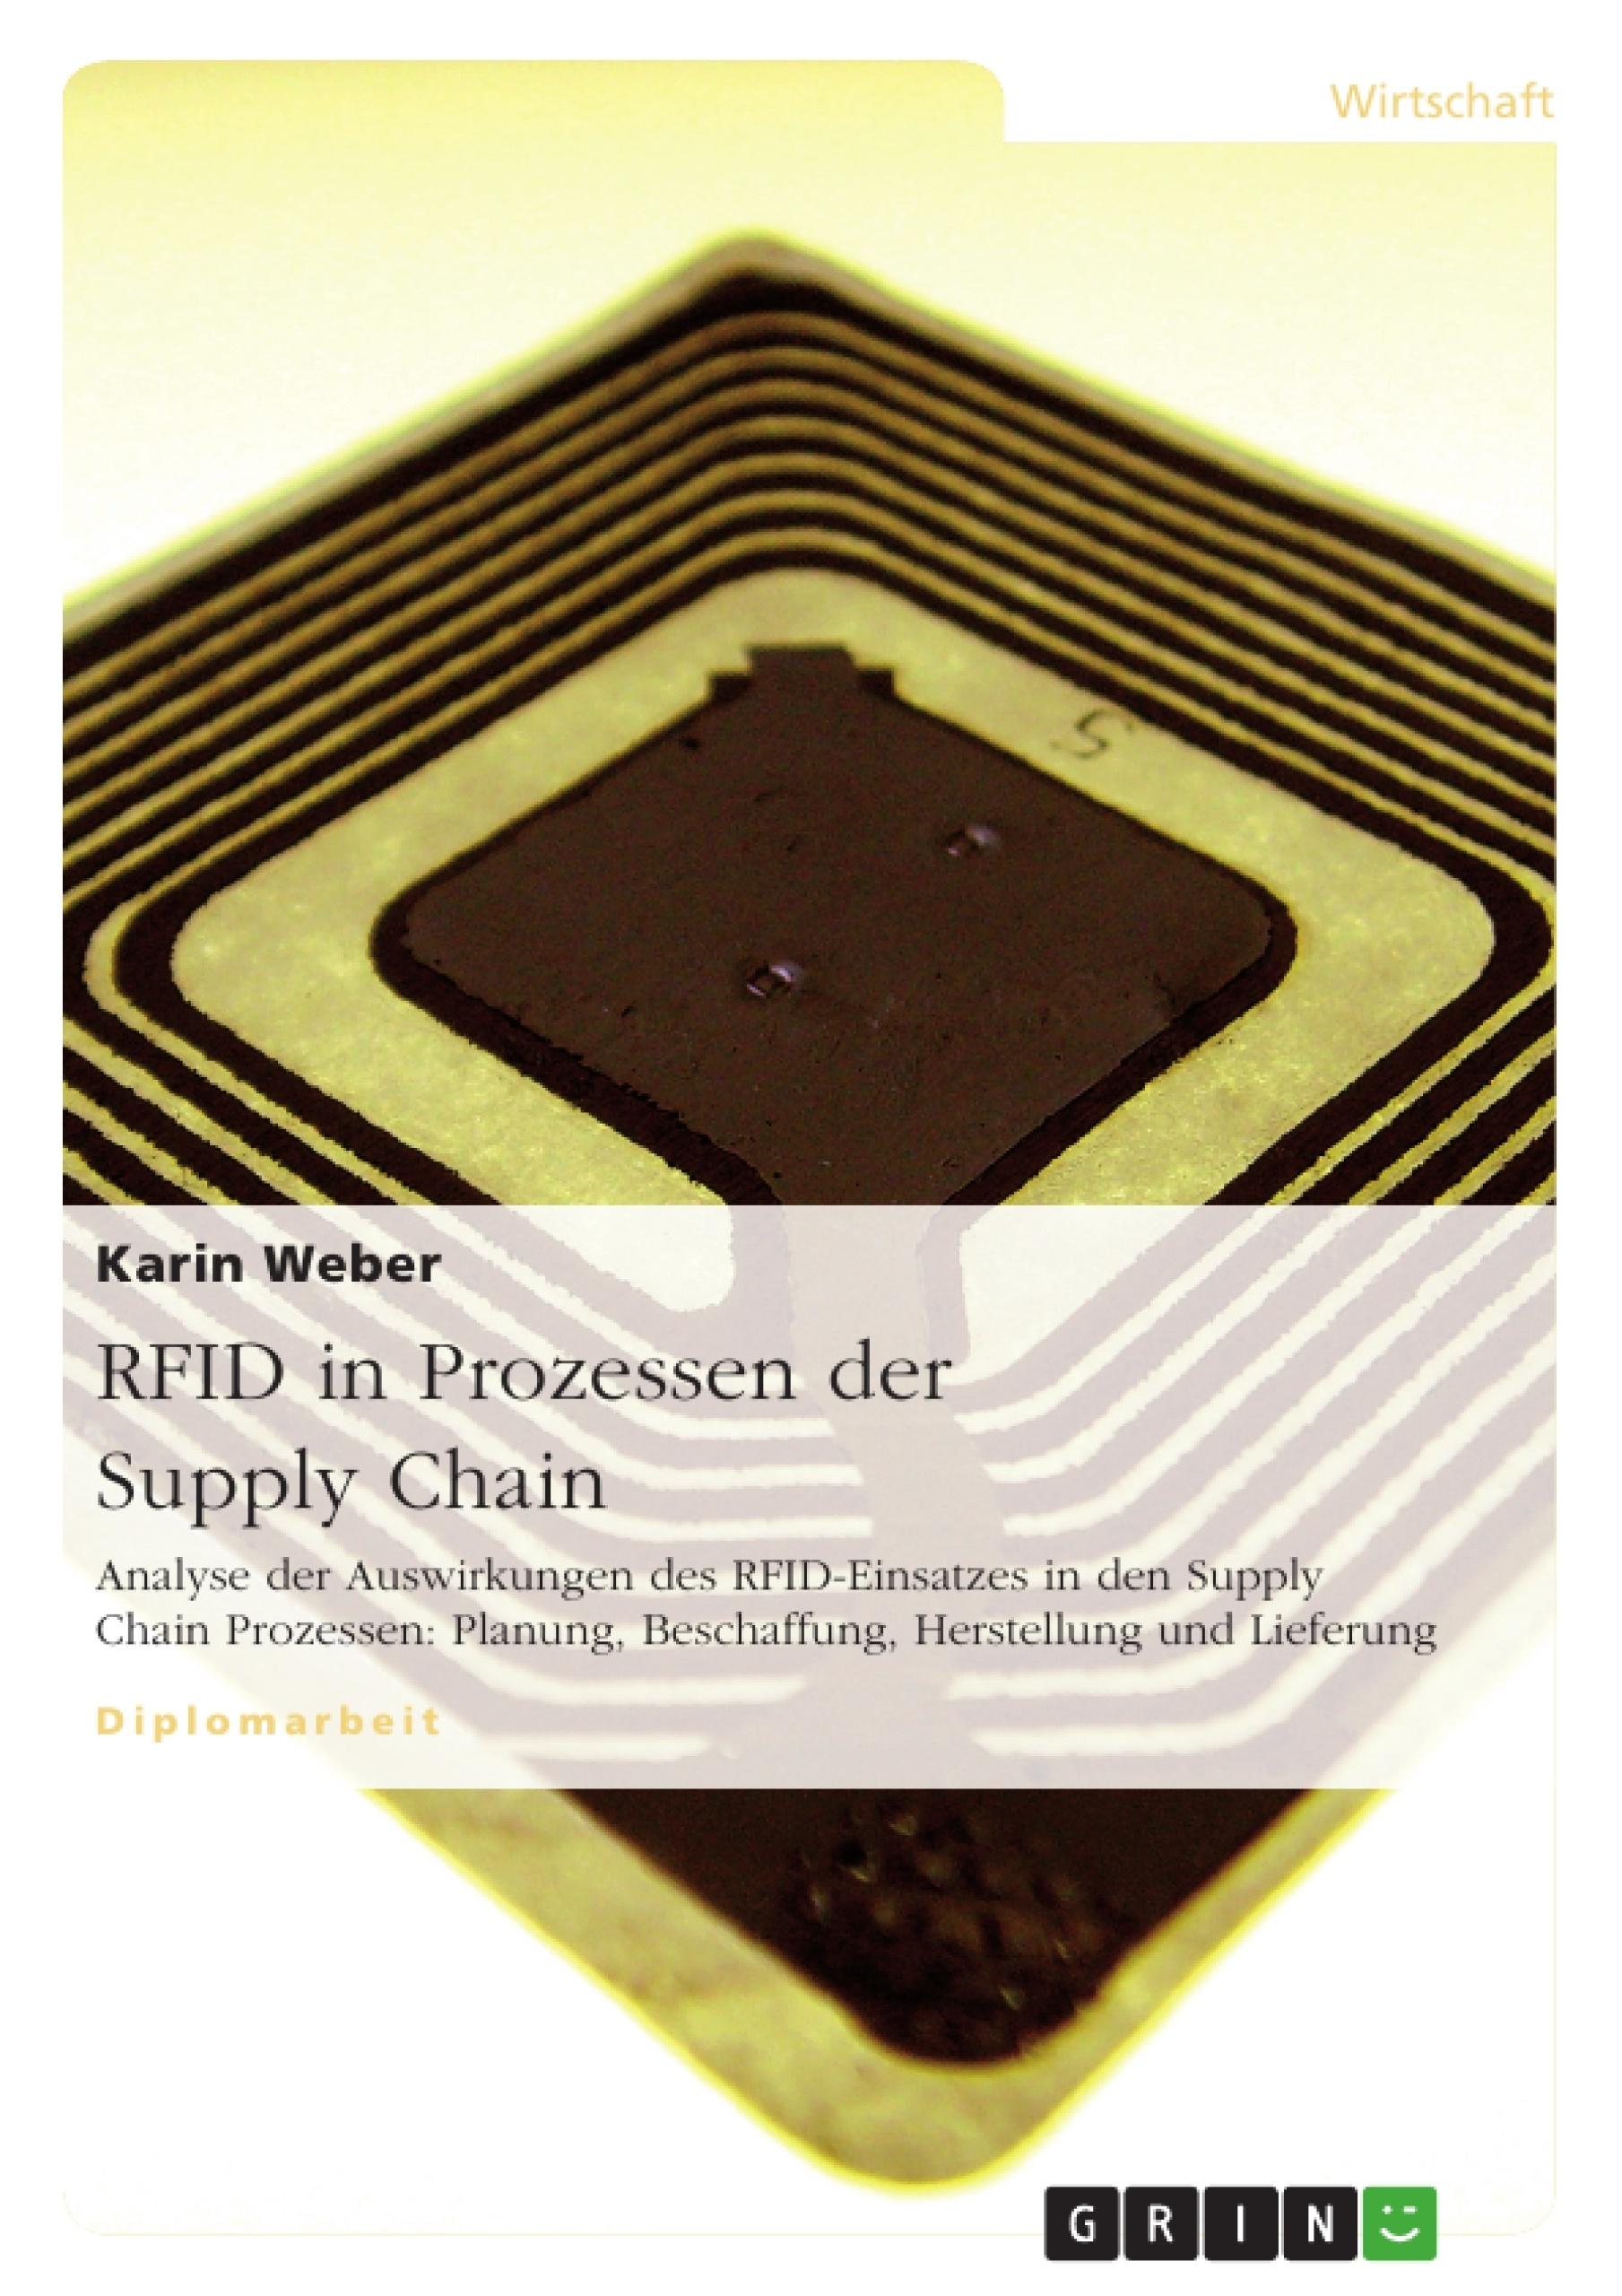 Titel: RFID in Prozessen der Supply Chain